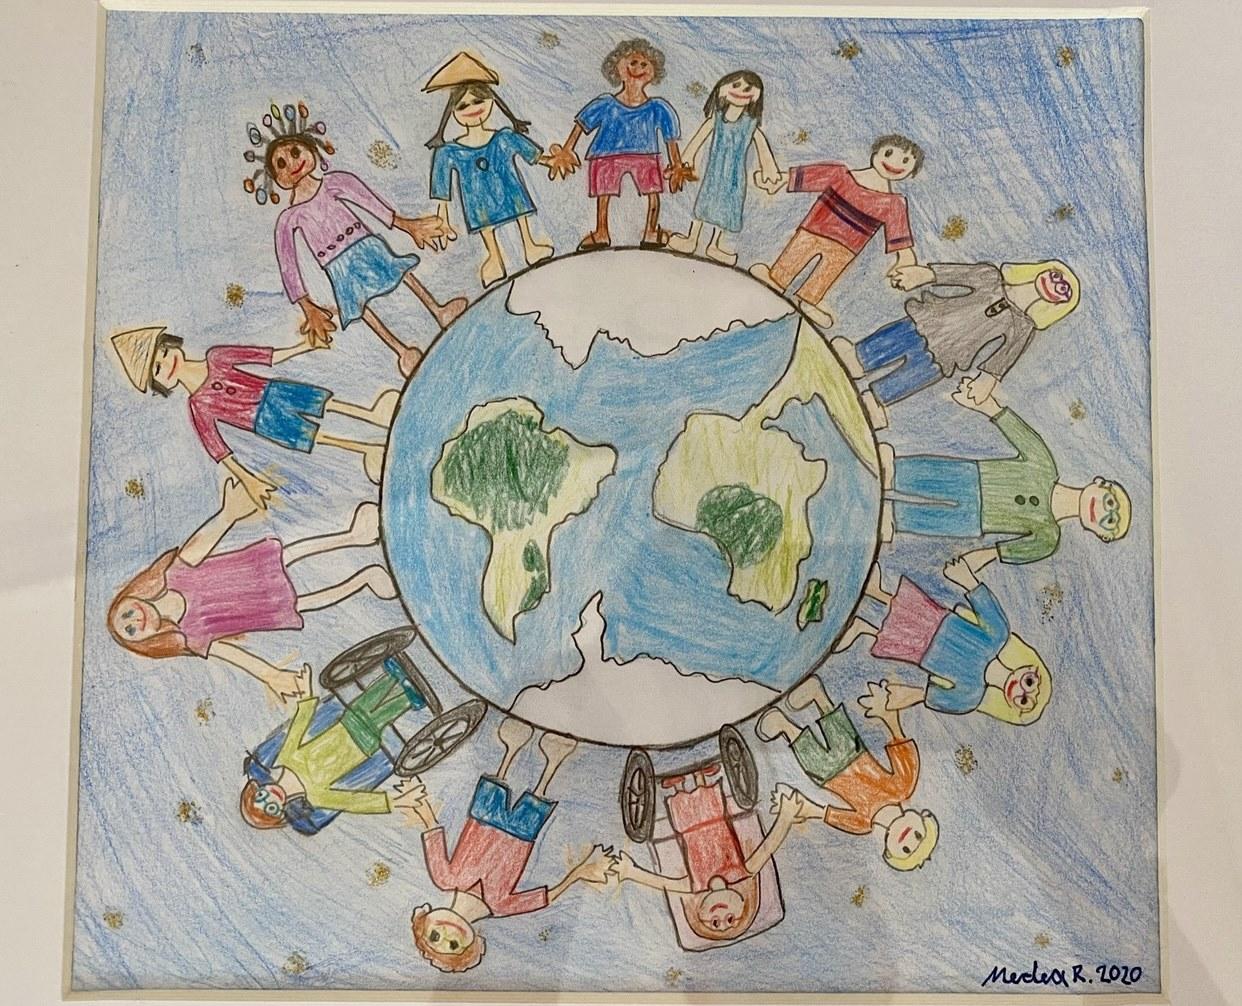 Gemaltes Bild, viele Kinder stehen auf der Erdkugel und reichen sich die Hand.